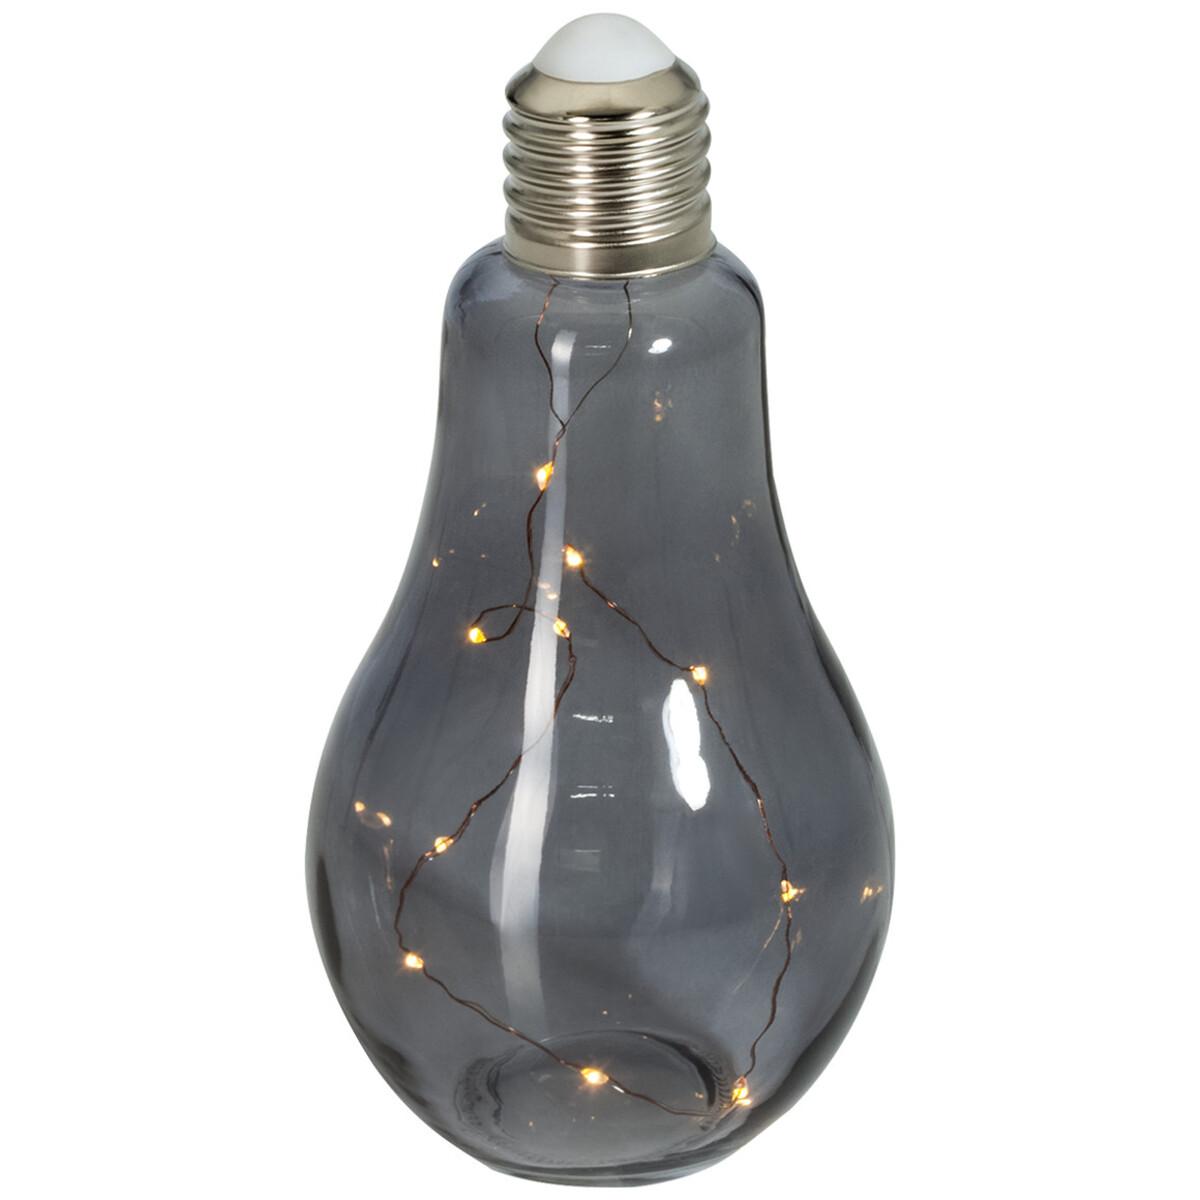 Bild 2 von LED Leuchte mit 10 LEDs